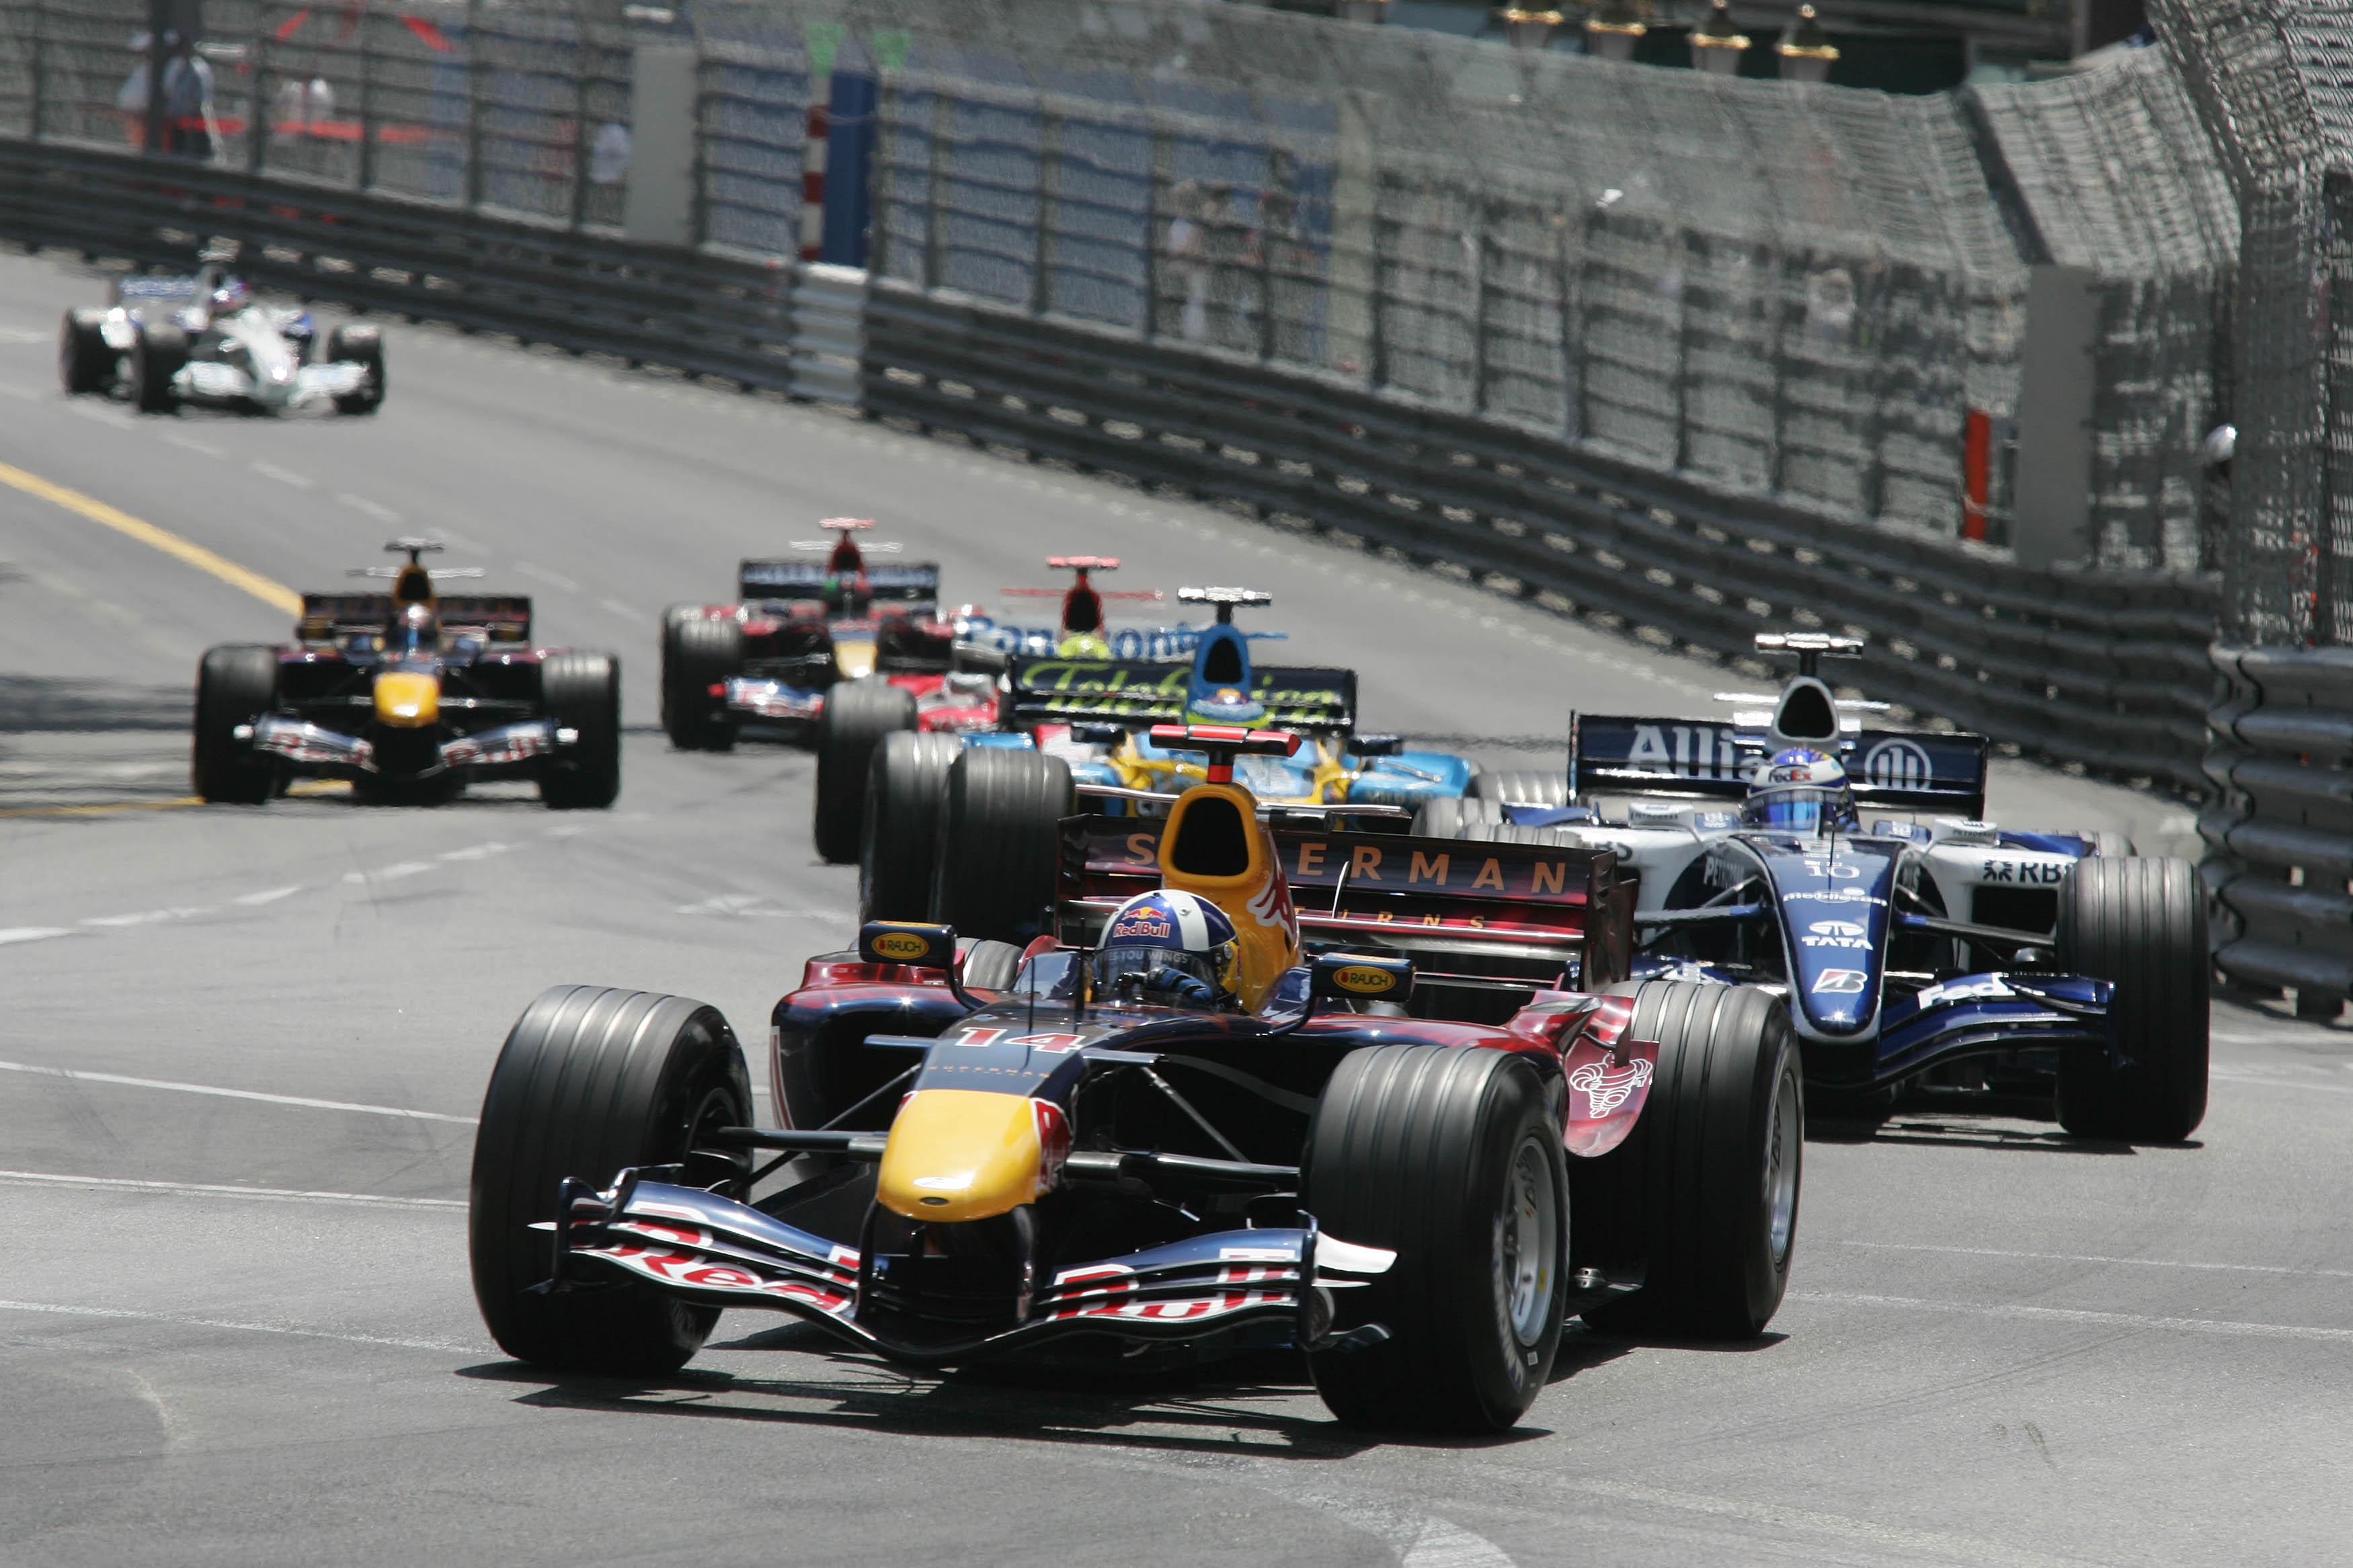 David Coulthard Red Bull Monaco Grand Prix 2006